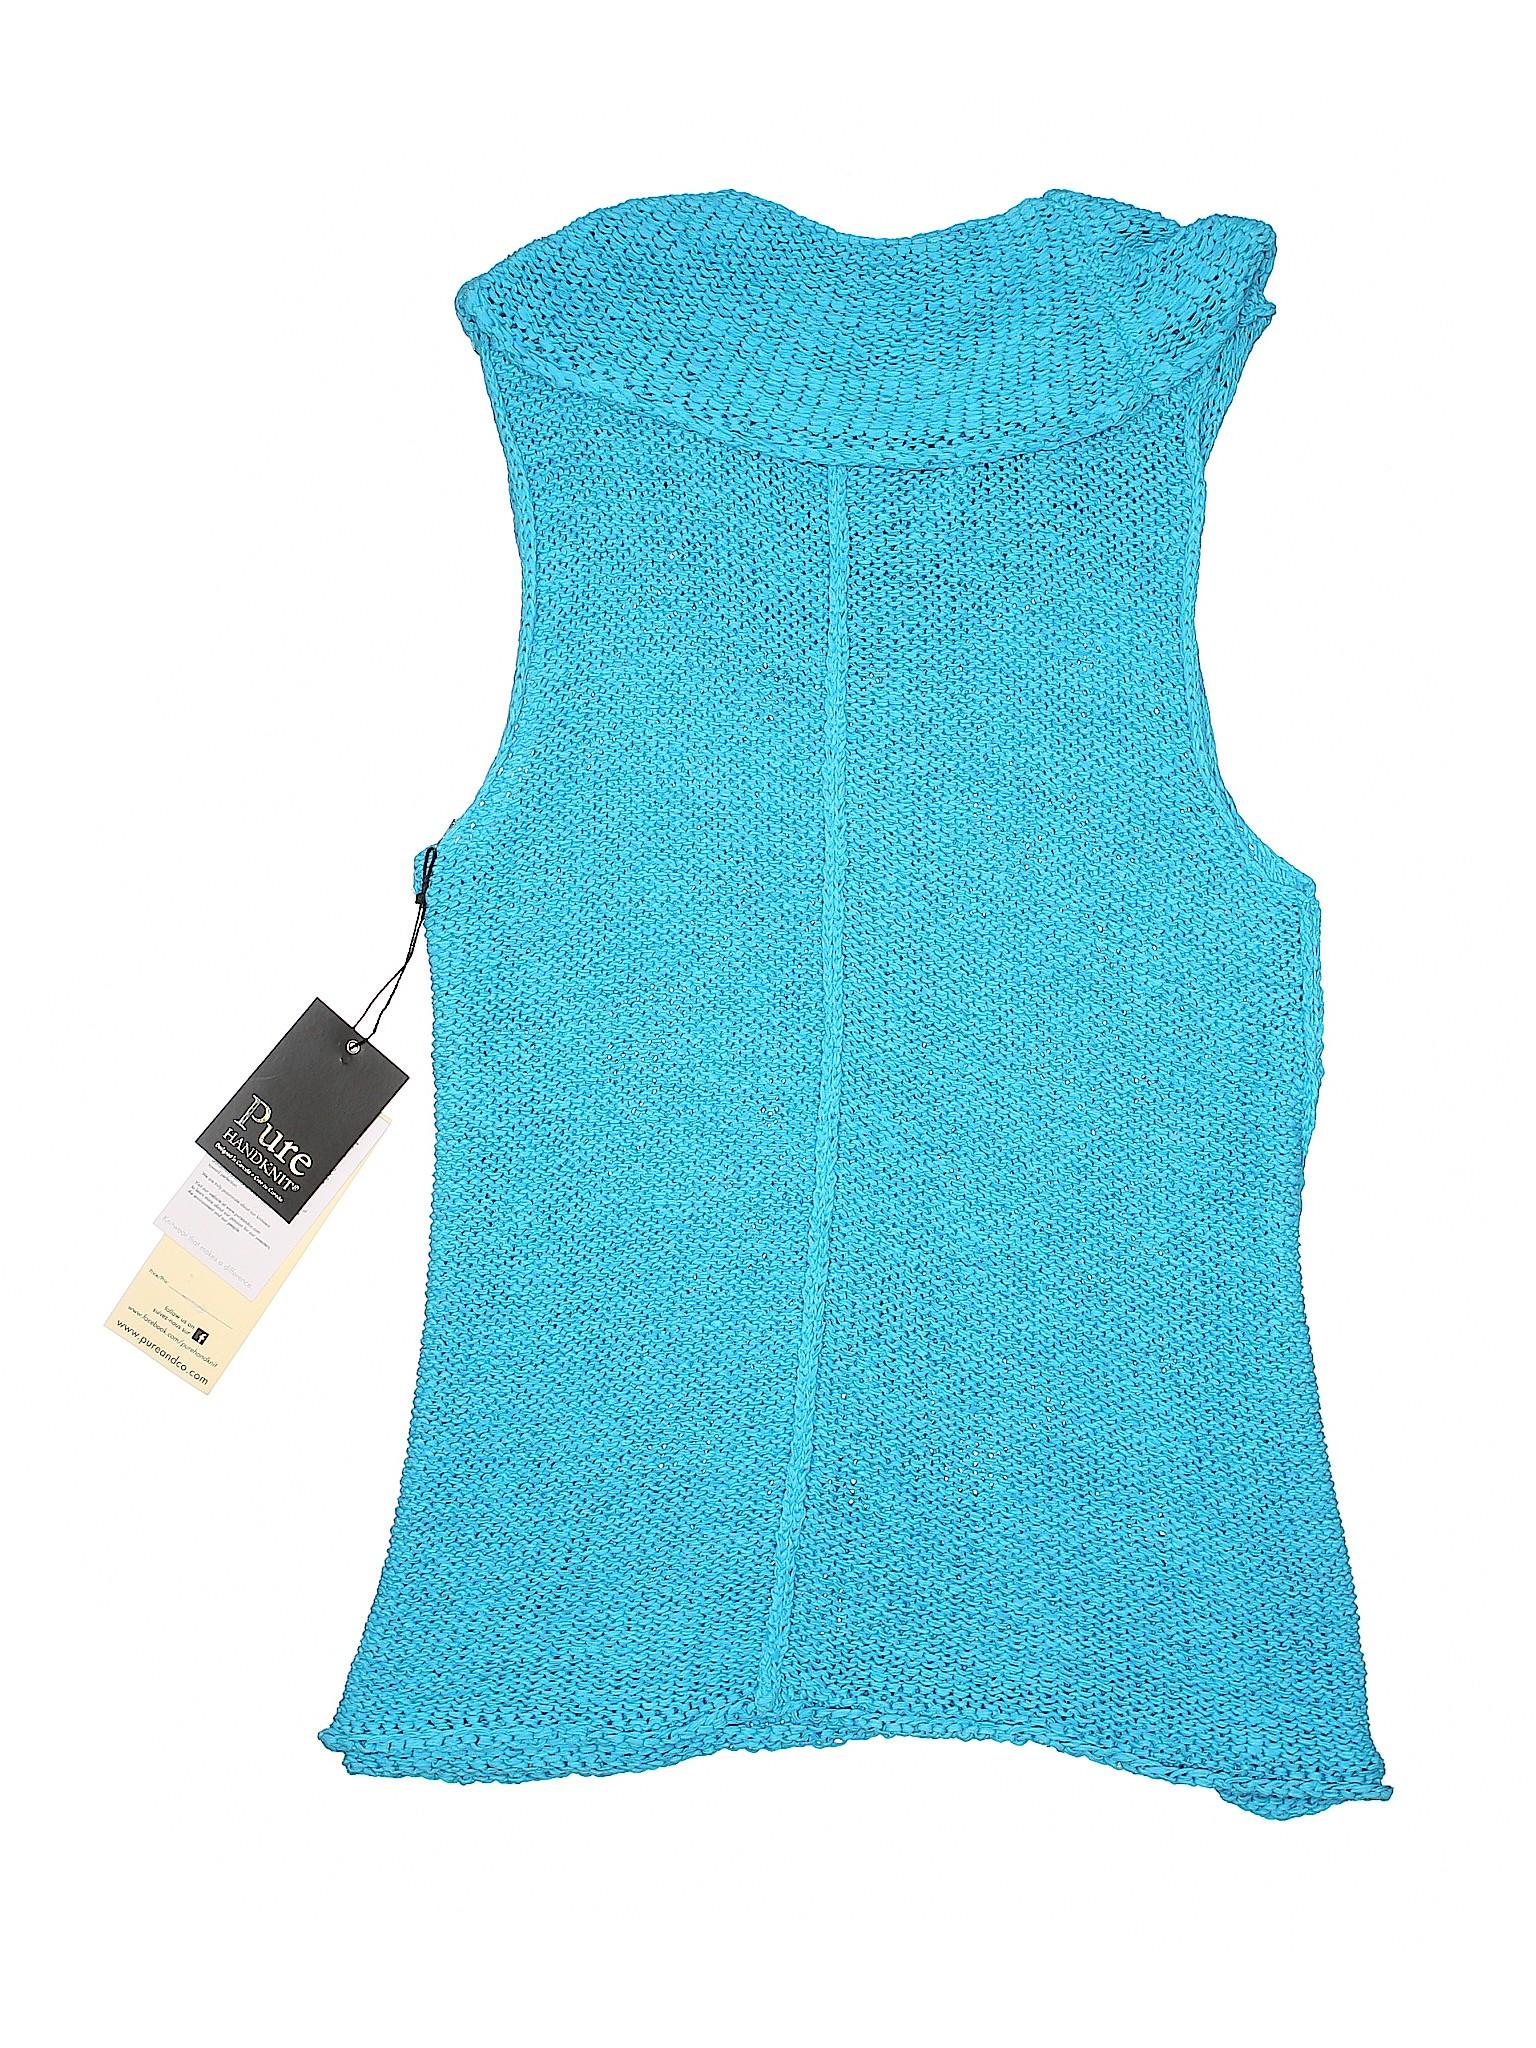 winter HANDKNIT Boutique Sweater PURE Pullover 1CqpqWSw